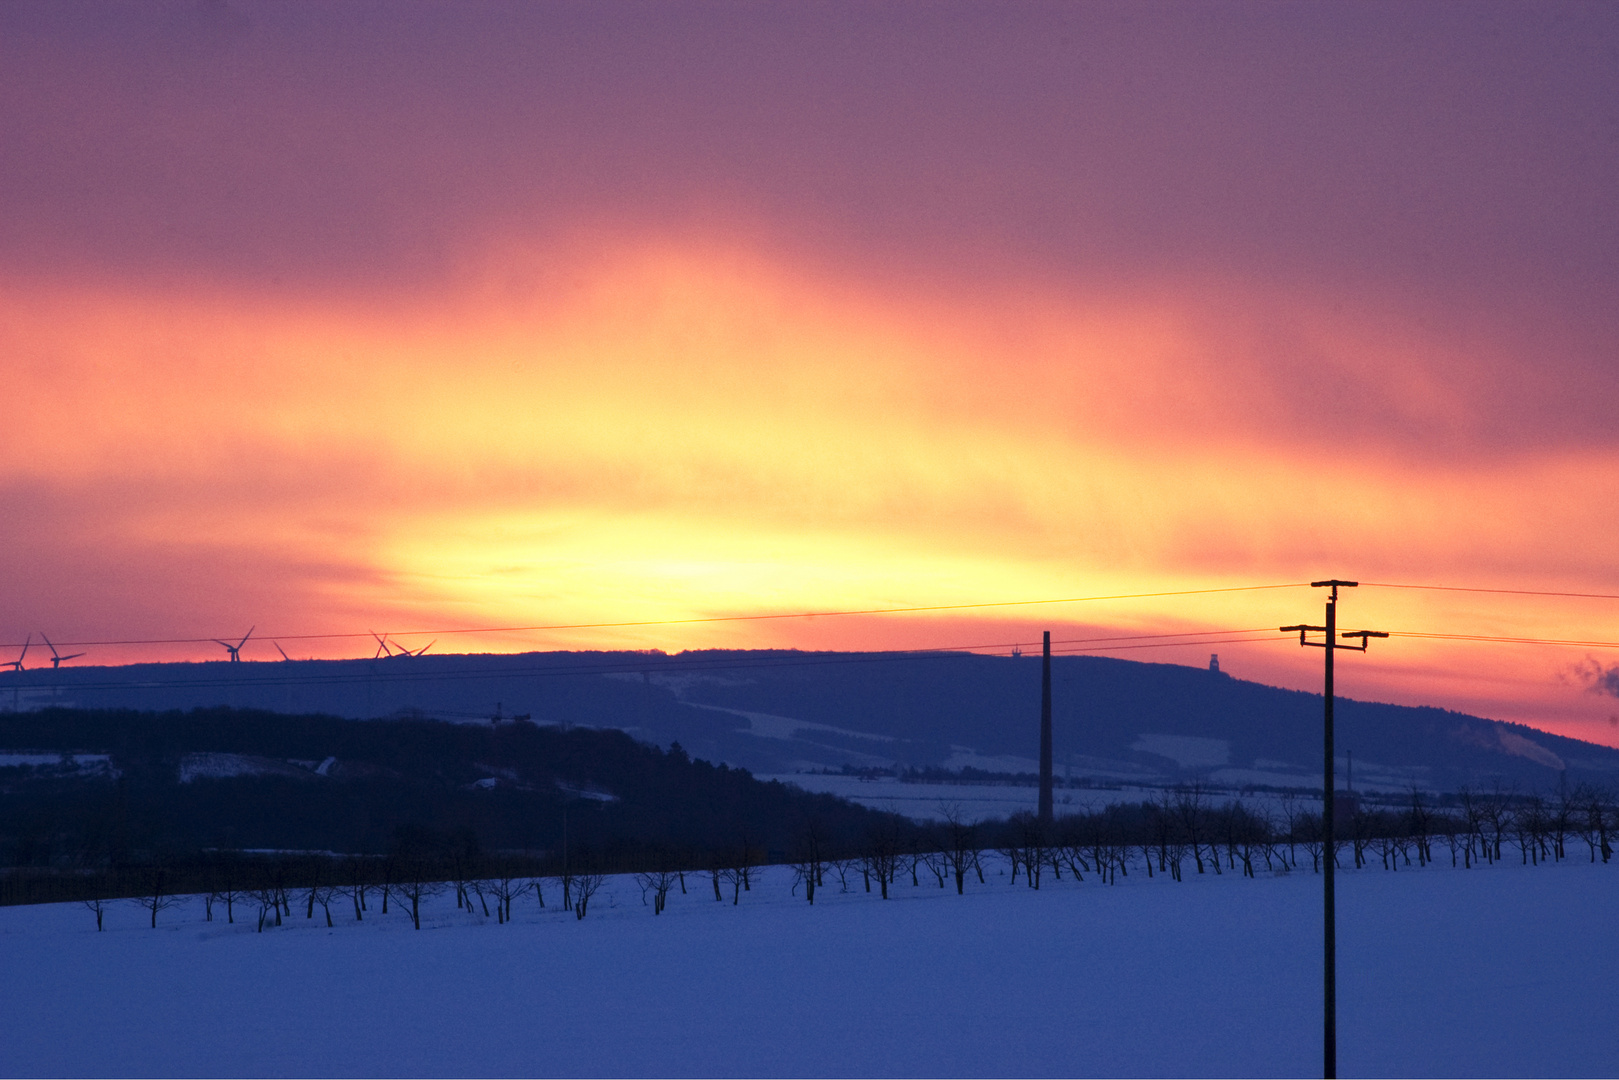 Ein eiskalter Sonnenaufgang...